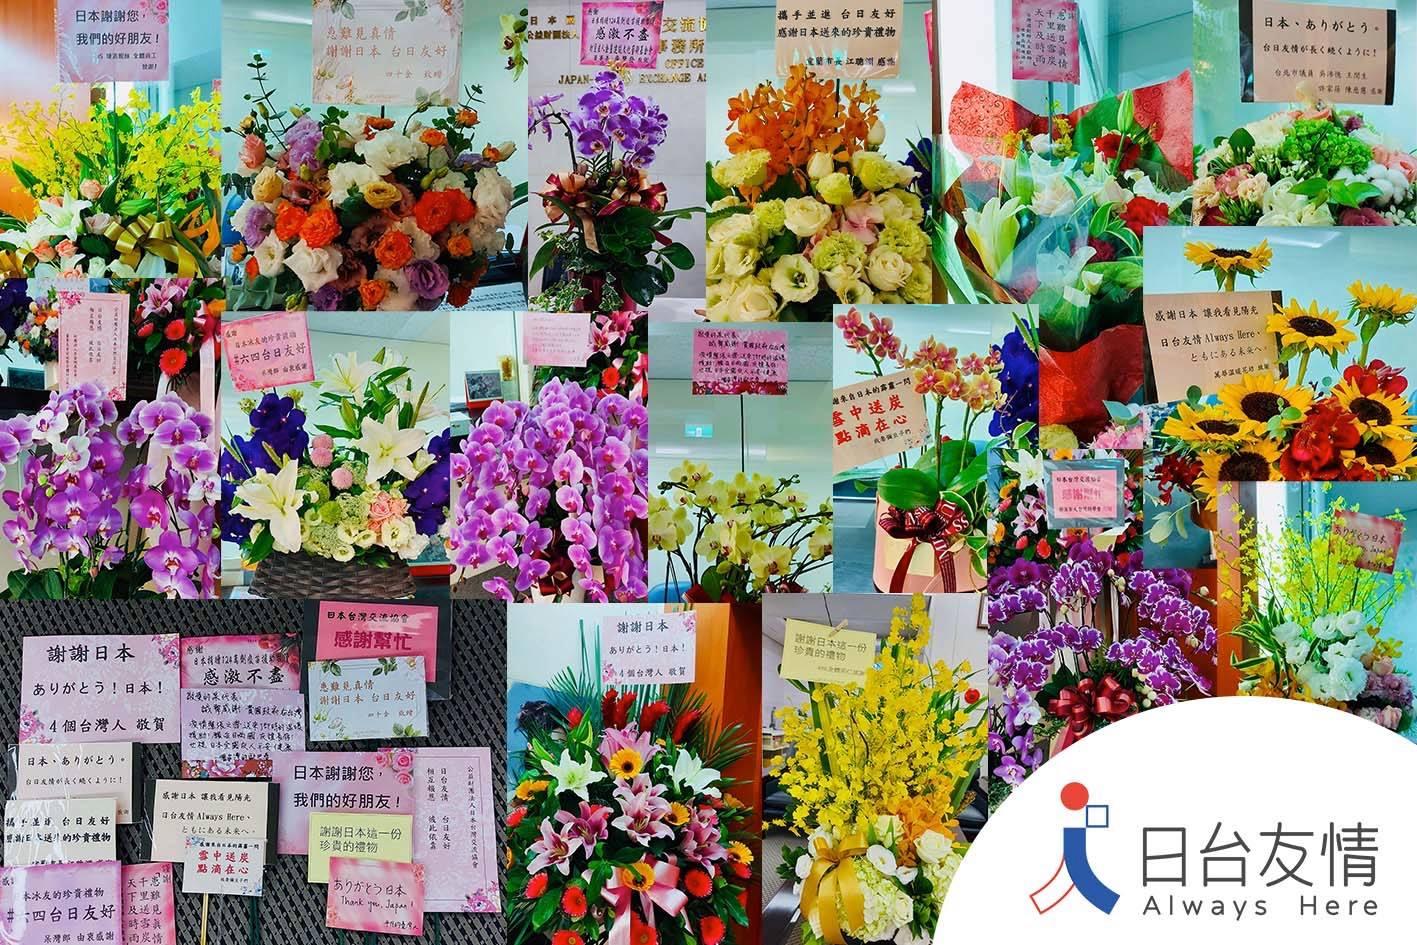 日本政府6月4日赠台124万剂AZ疫苗,台北圆山大饭店点灯致词。(日本台湾交流协会脸书)